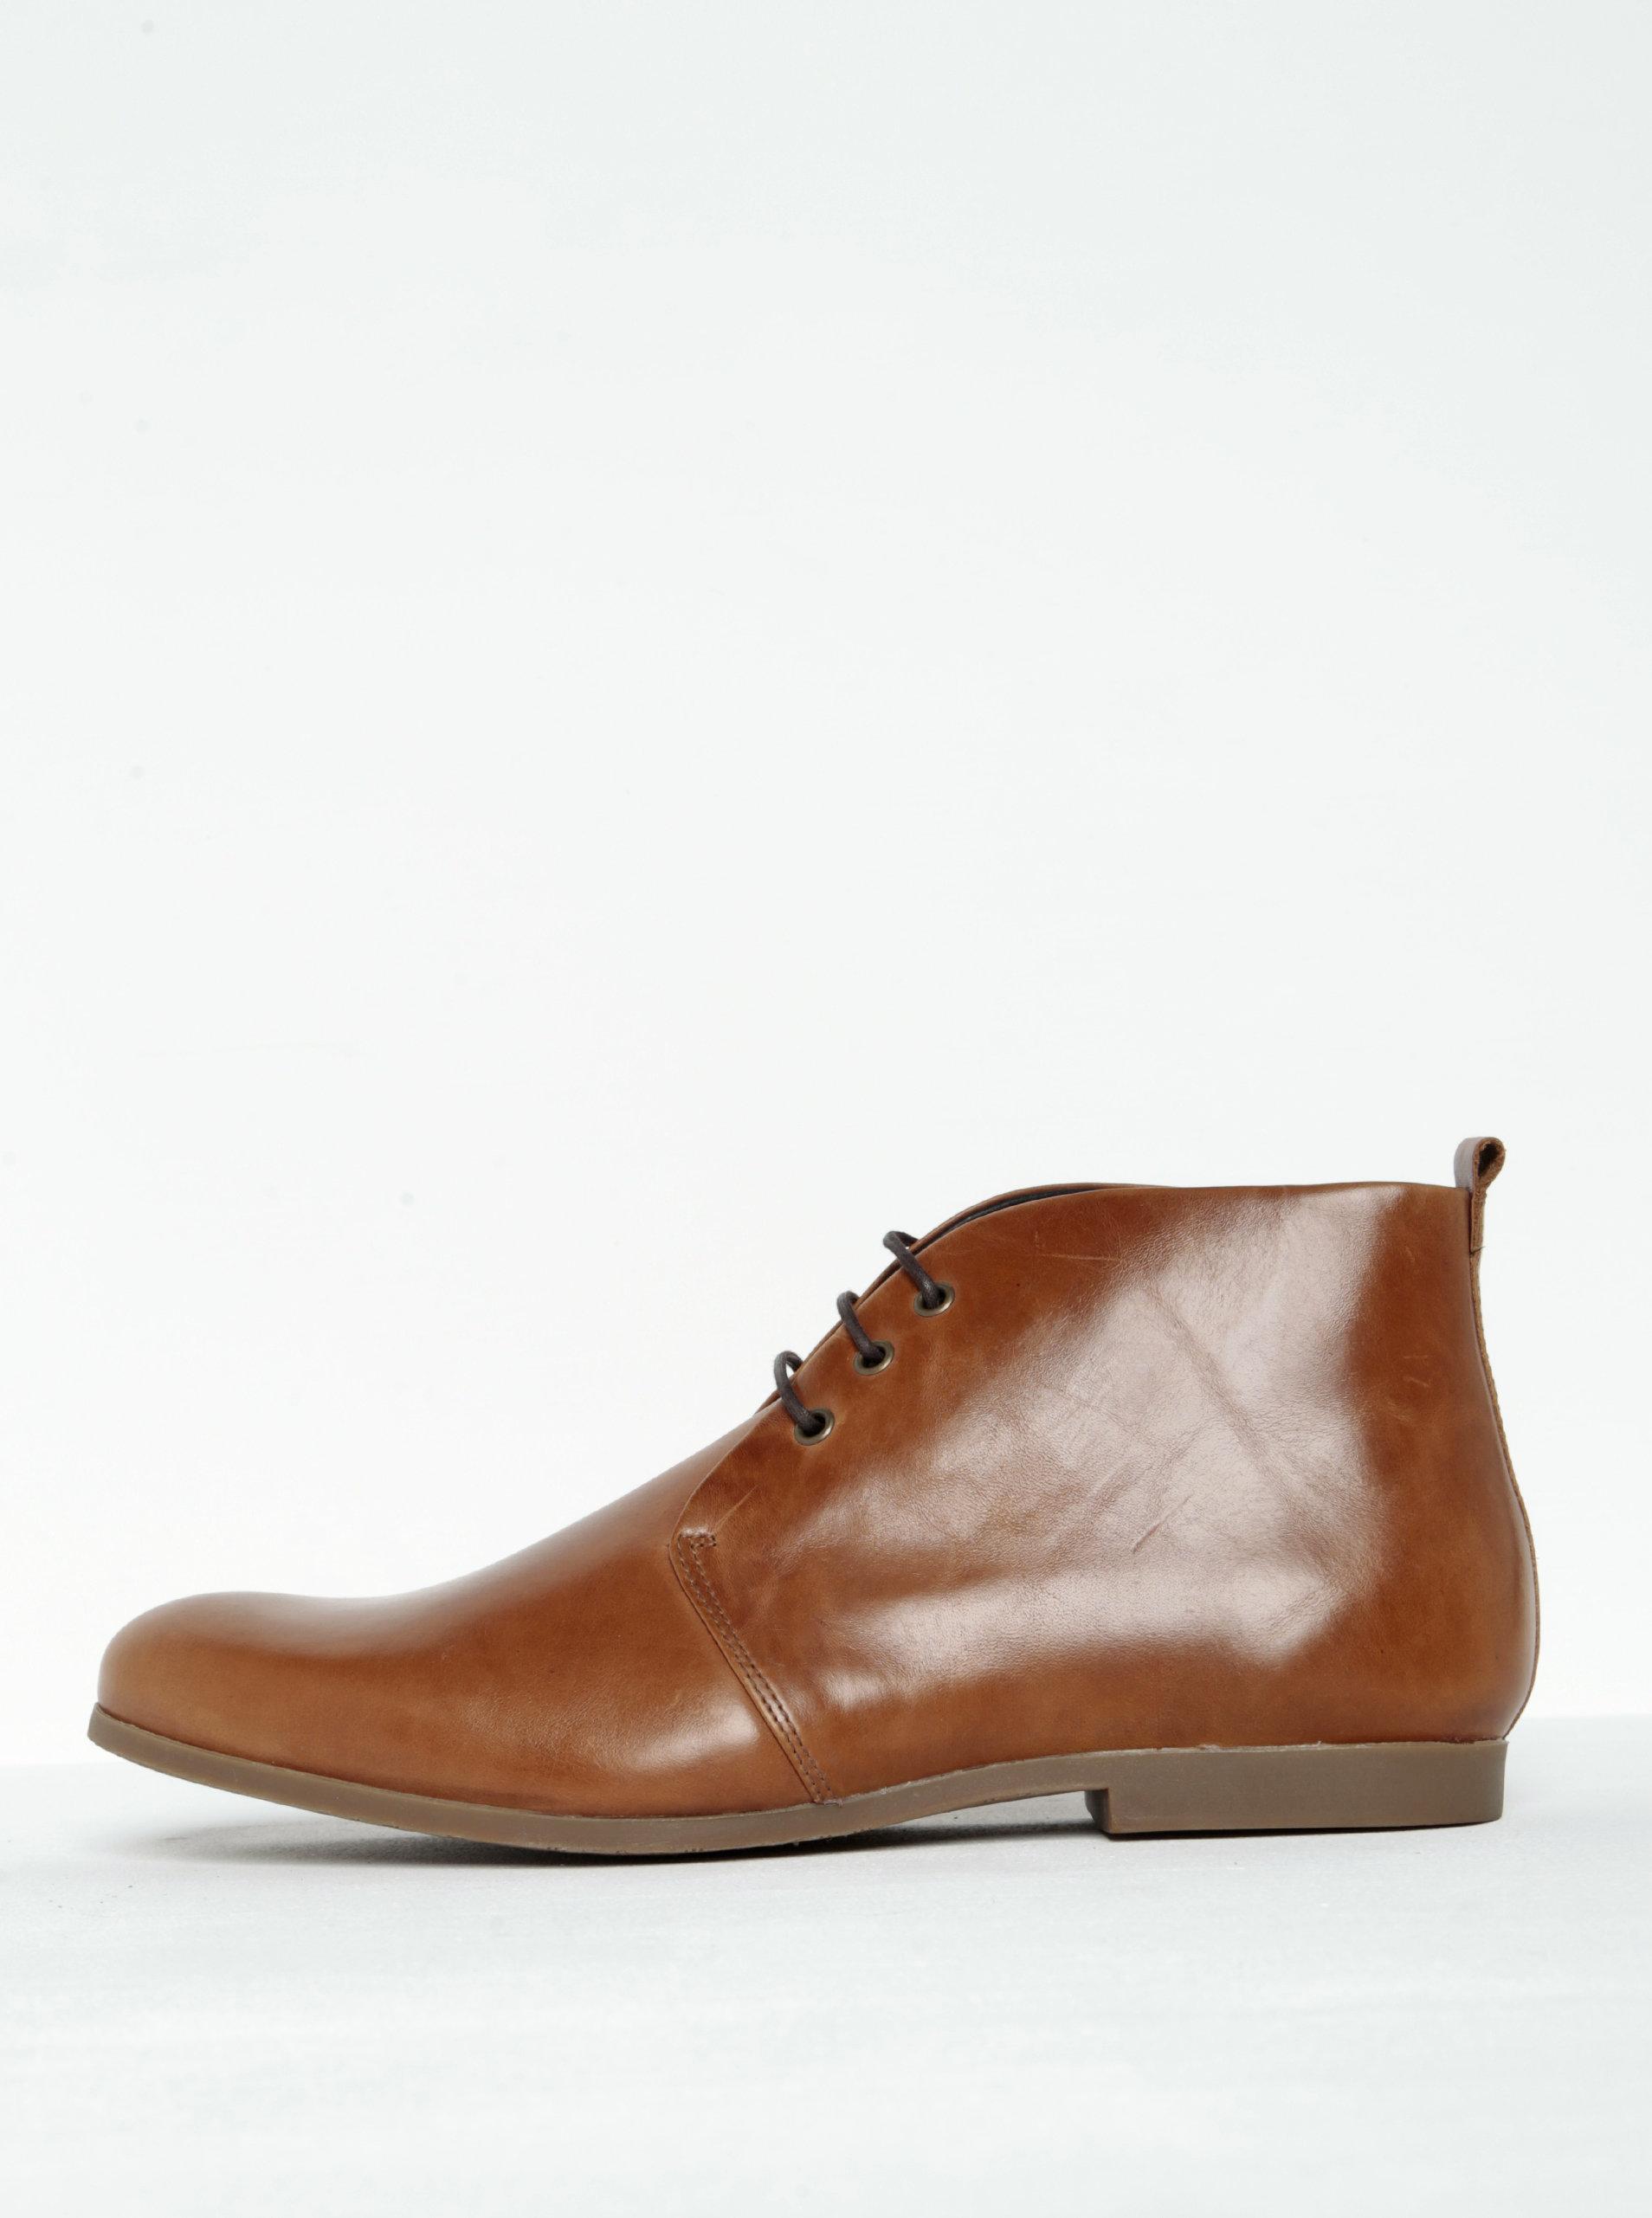 Hnědé pánské kožené kotníkové boty Royal RepubliQ ... 02a5e3199b5